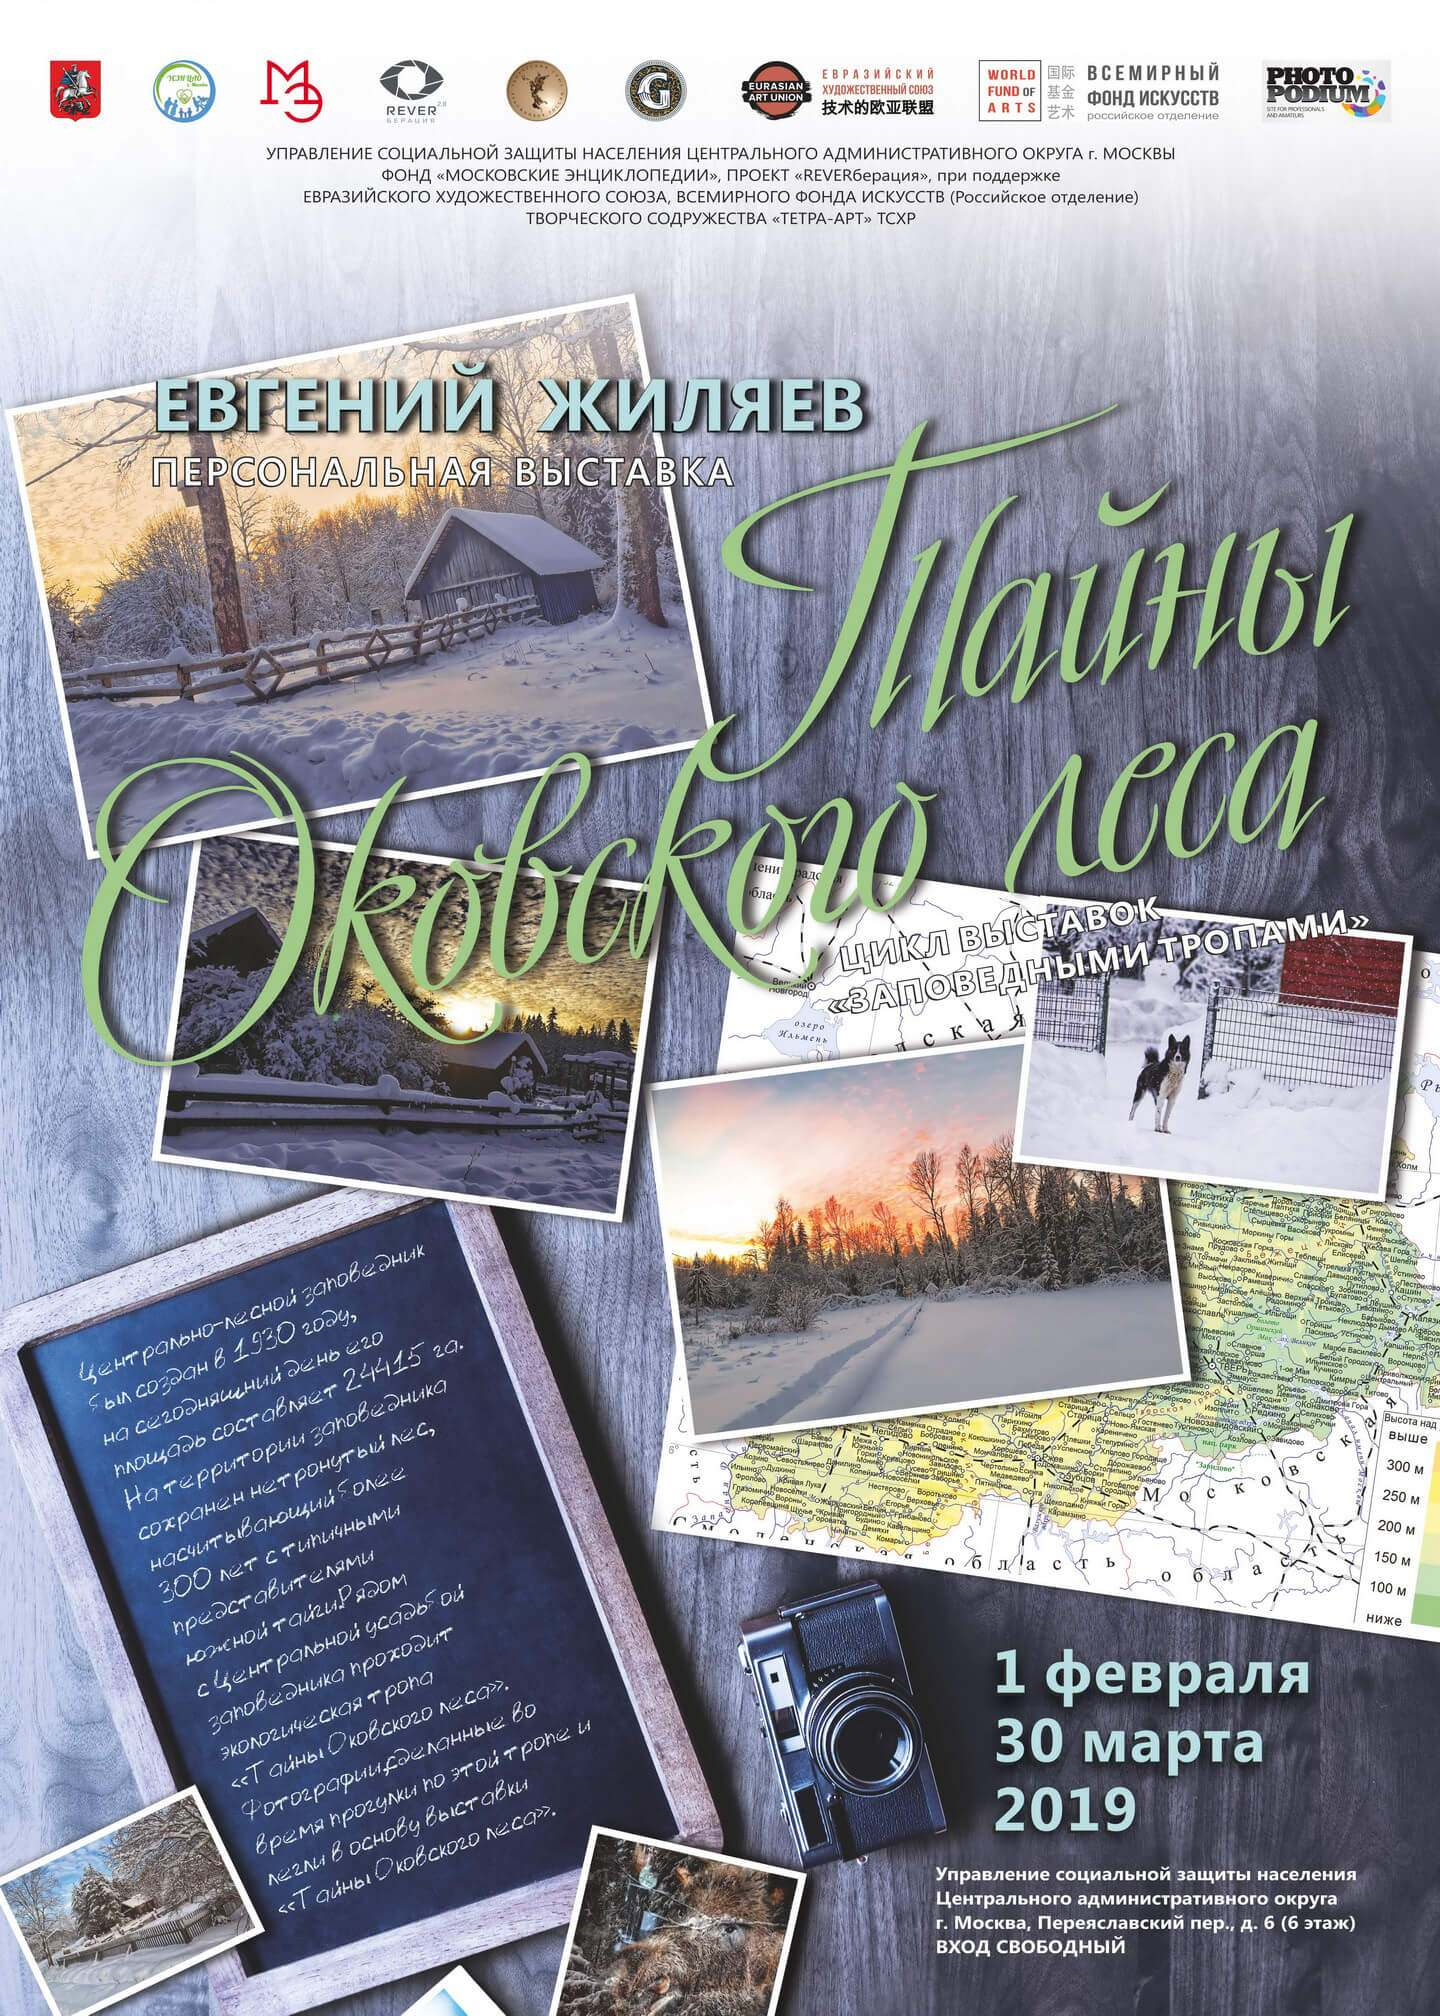 """Photo exhibition of Evgeny Zhilyaeva """"Secrets of the Okovsky Forest"""""""